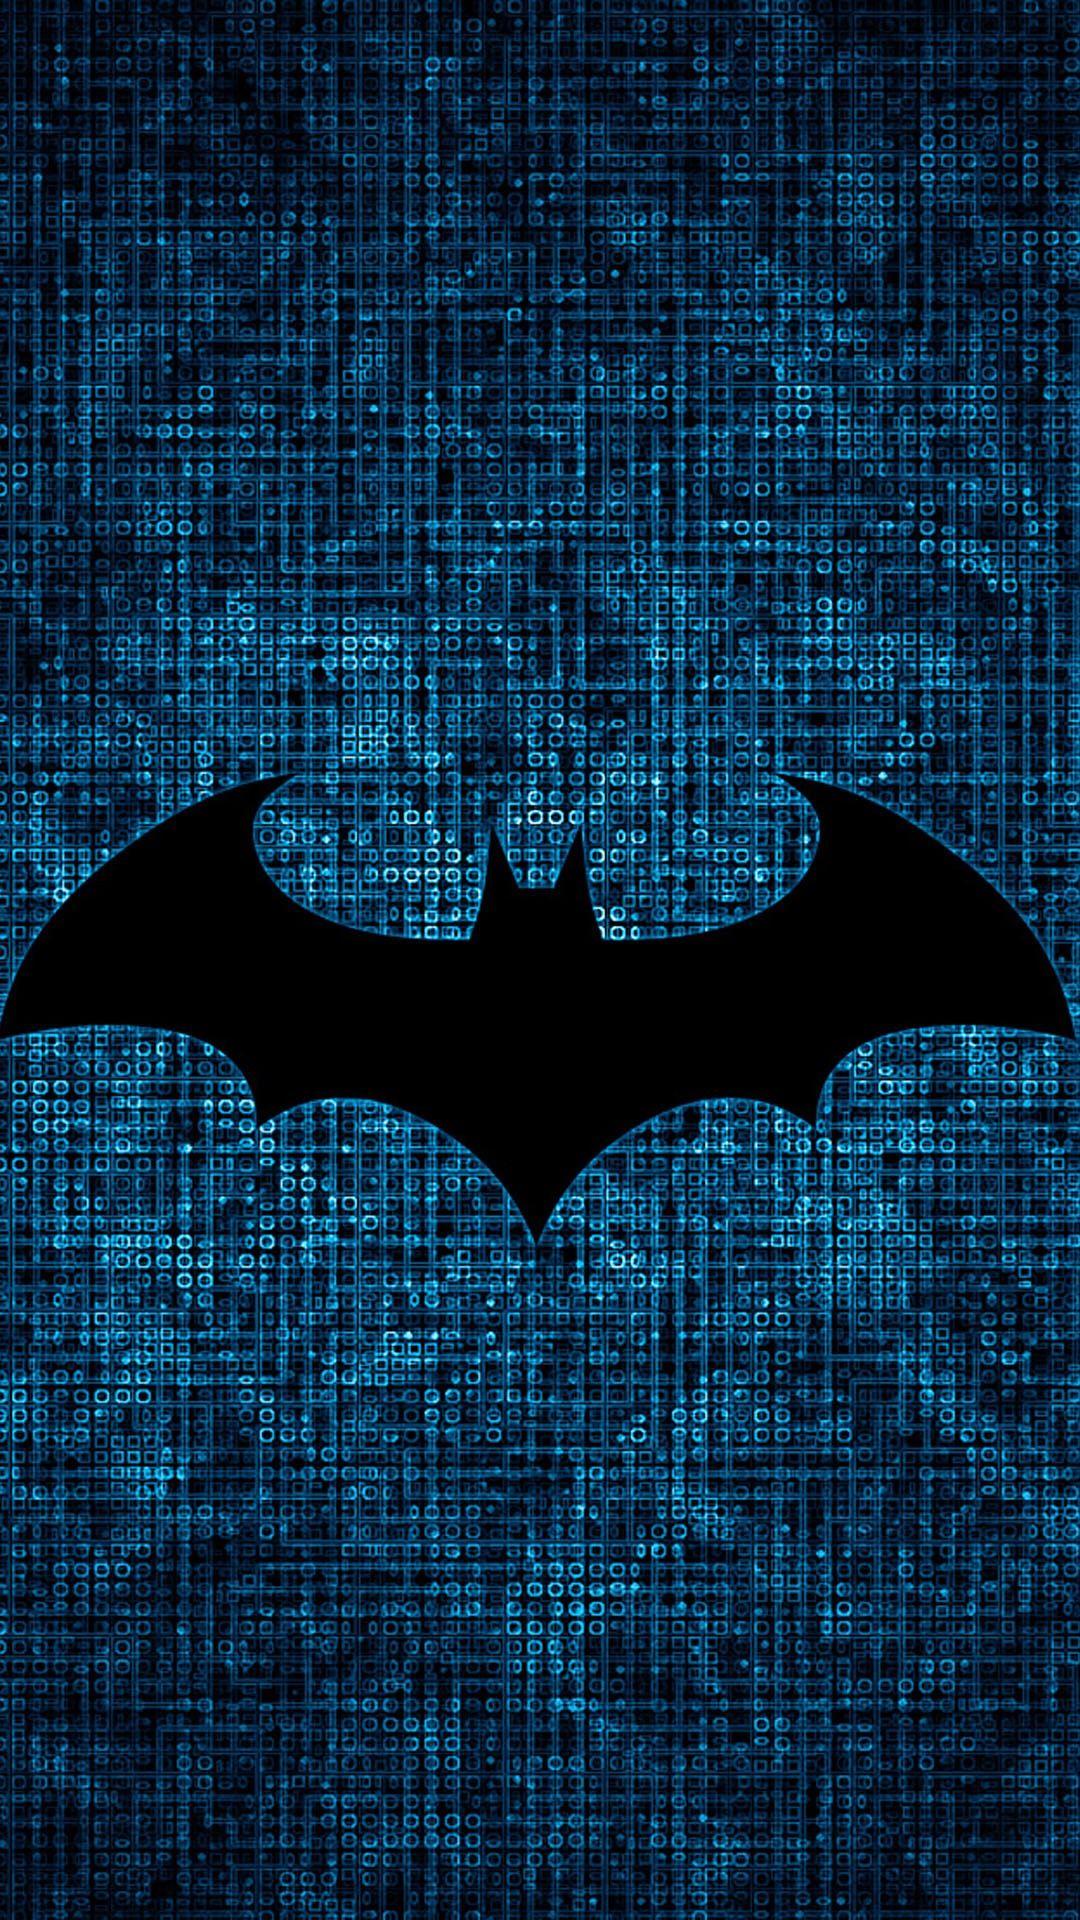 Phone Wallpaper Hd Batman Wallpaper Iphone Batman Wallpaper Batman Poster